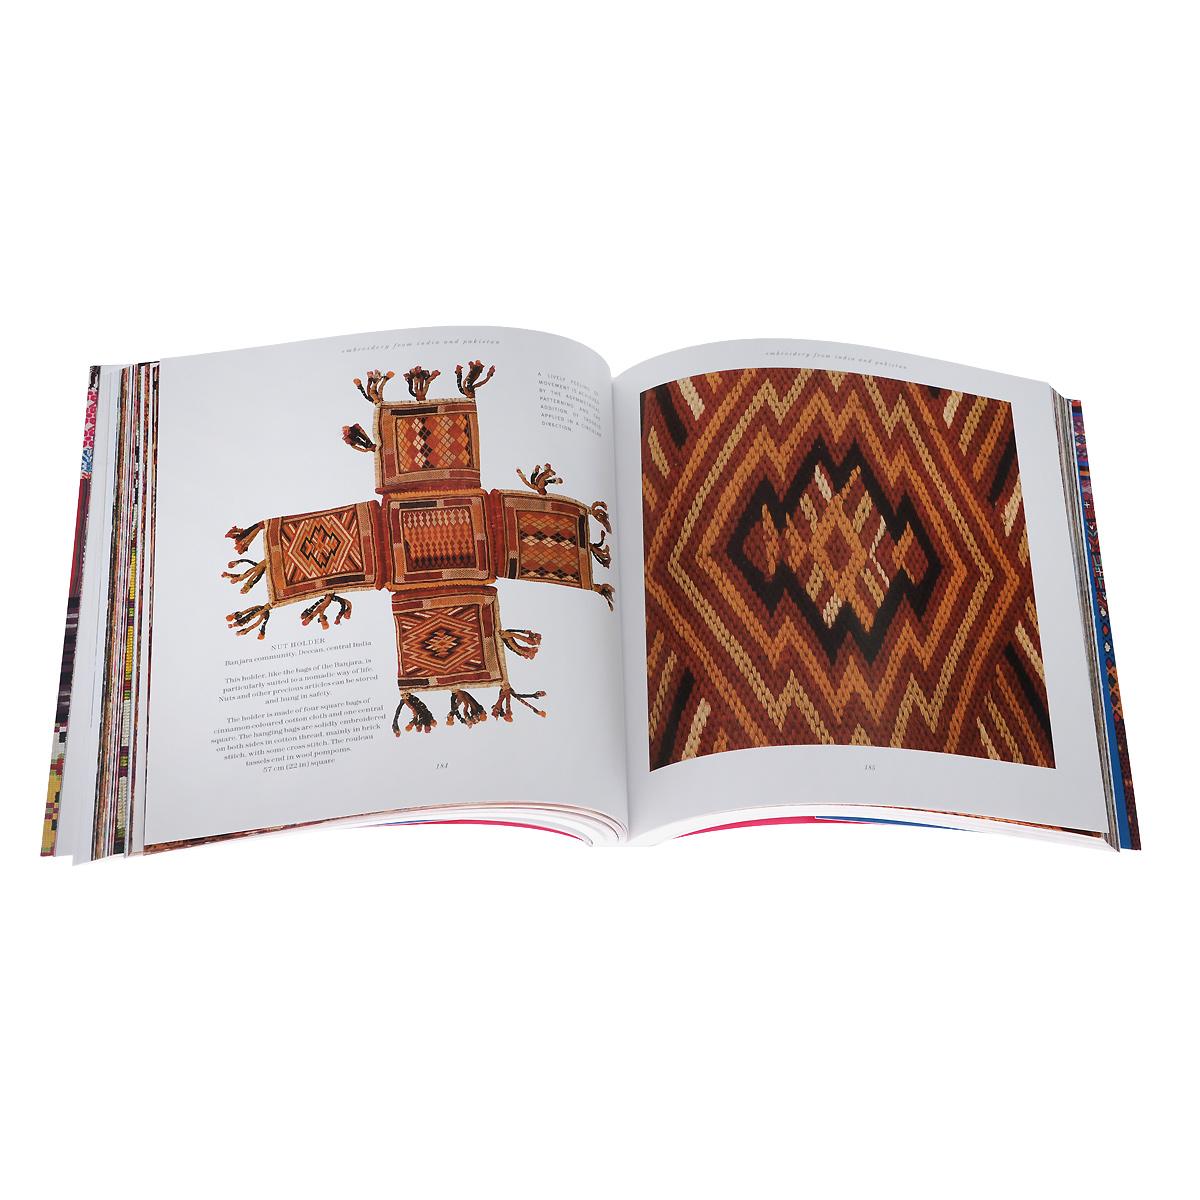 World Textiles: � Sourcebook